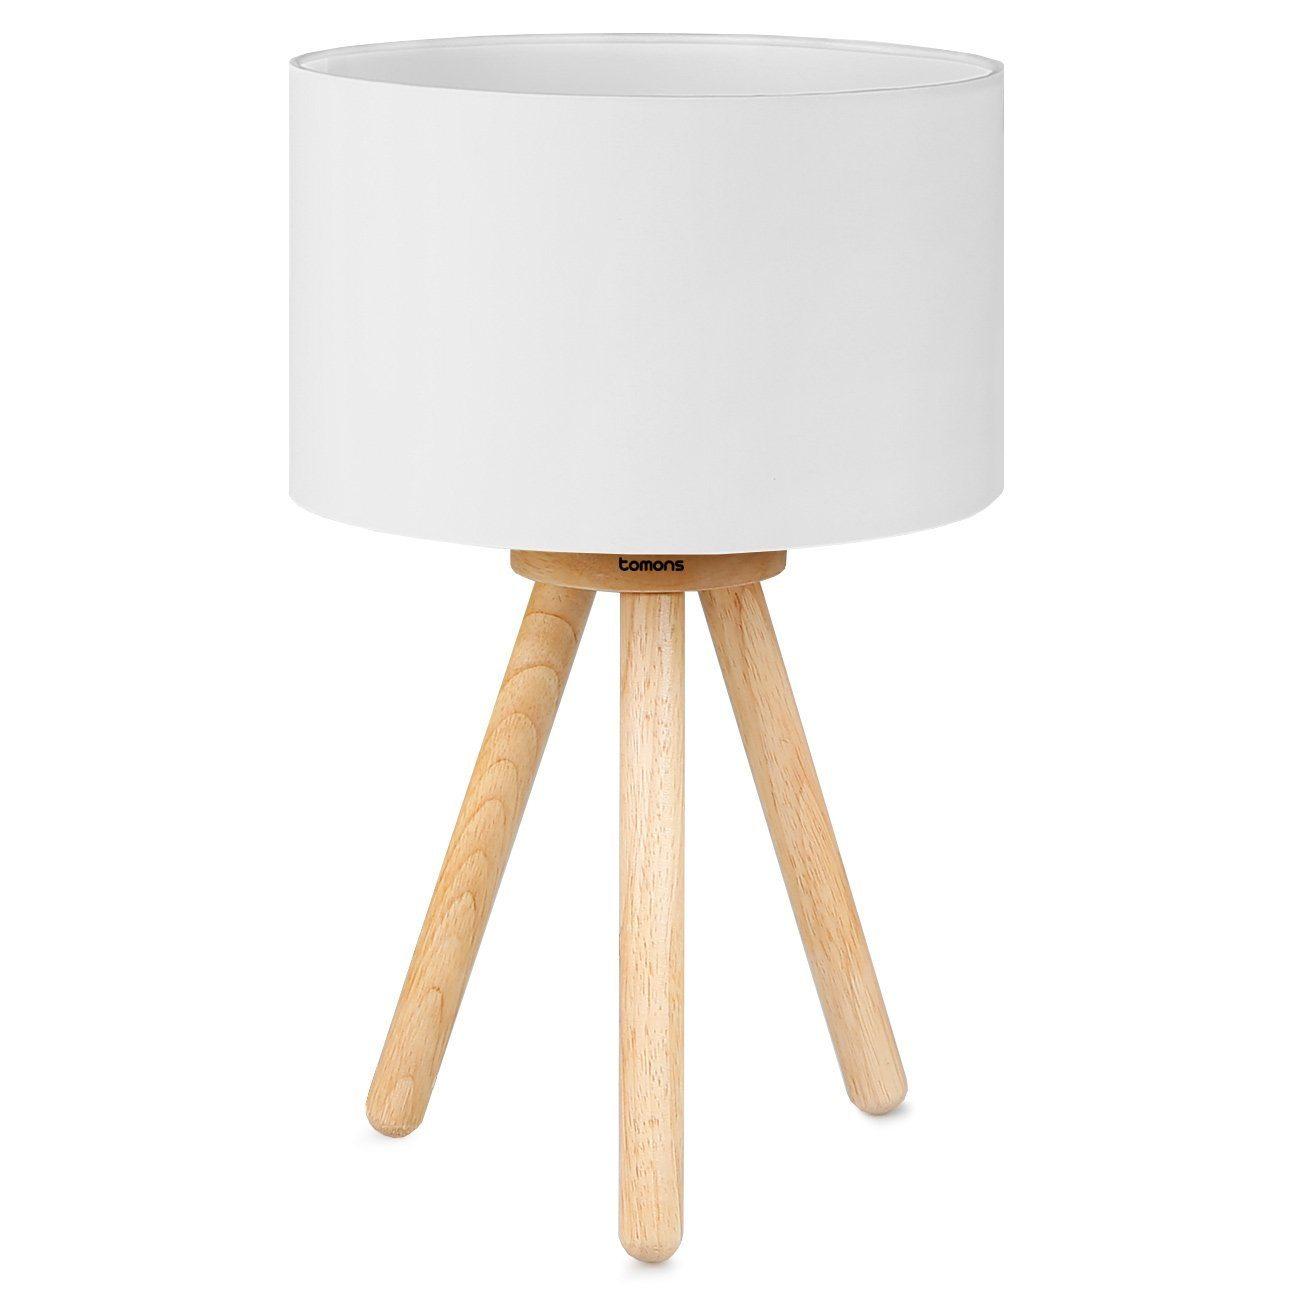 Lampa da comodino con struttura in legno